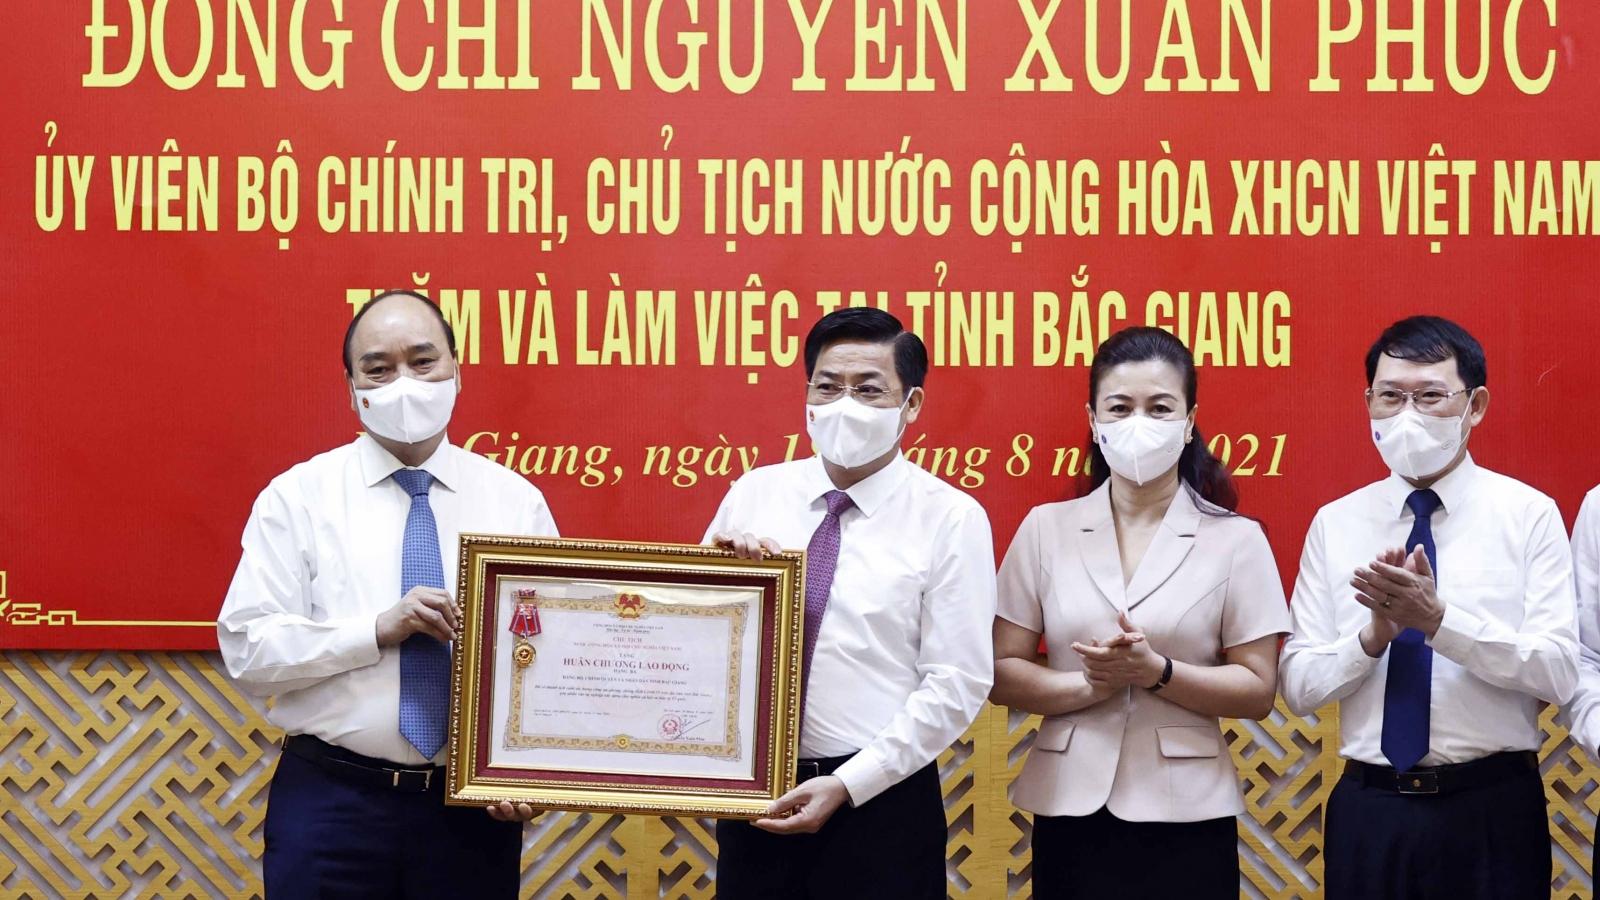 Chủ tịch nước trao Huân chương Lao động hạng Ba cho Bắc Giang vì thành tích chống dịch